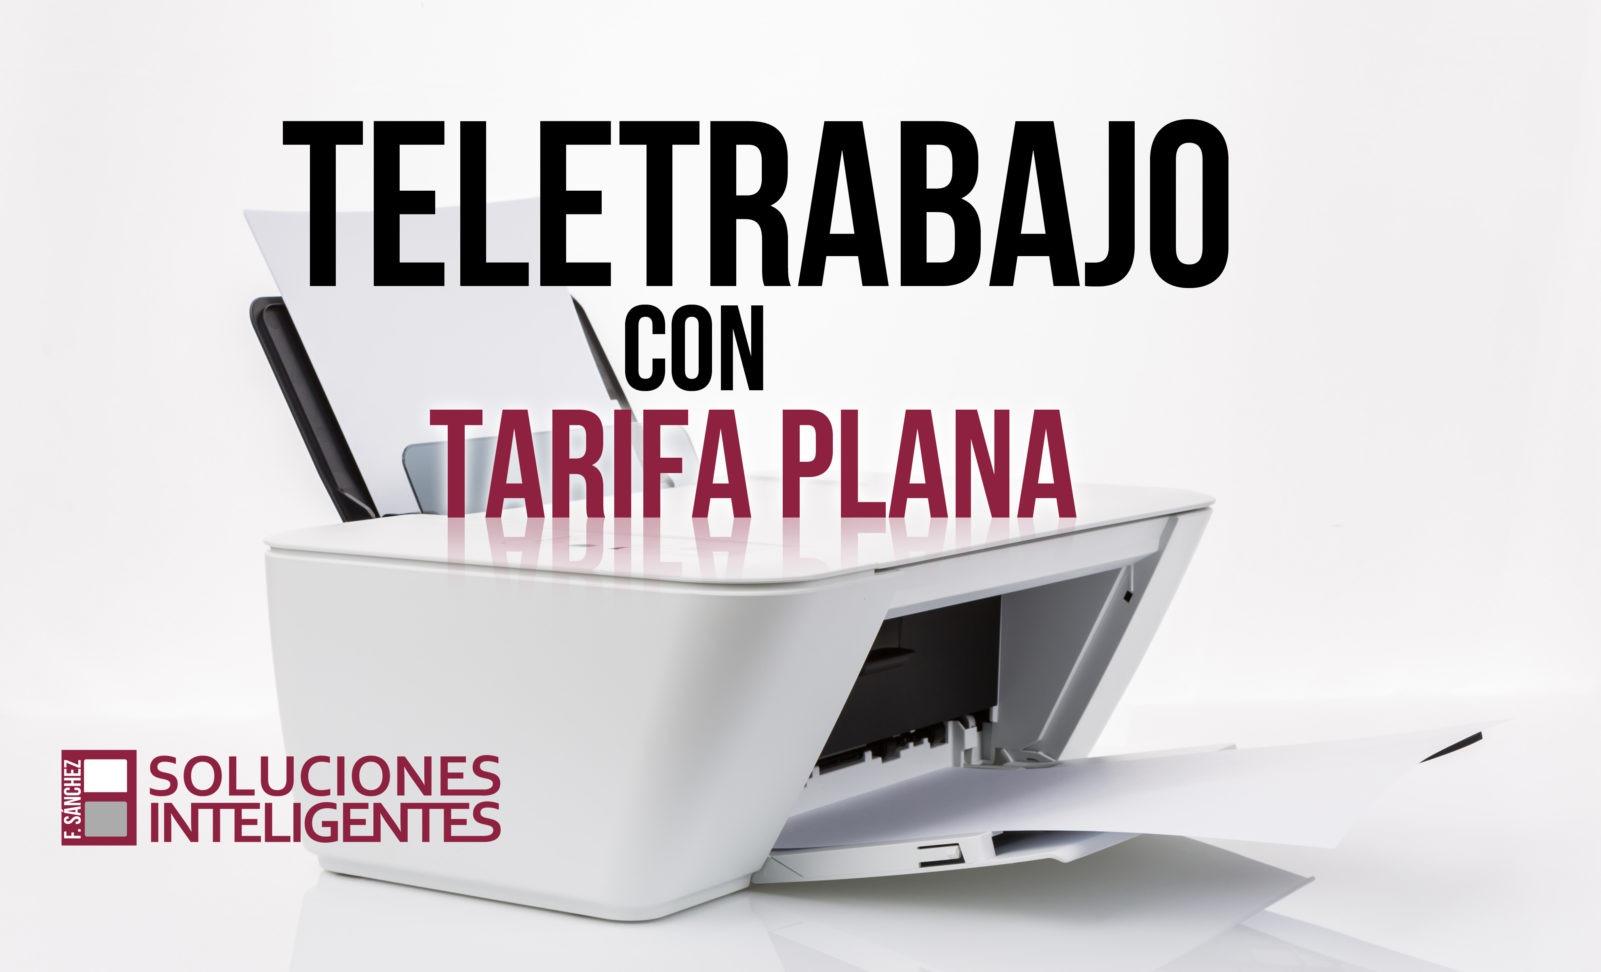 Teletrabajo con tarifa plana en Soluciones Inteligentes